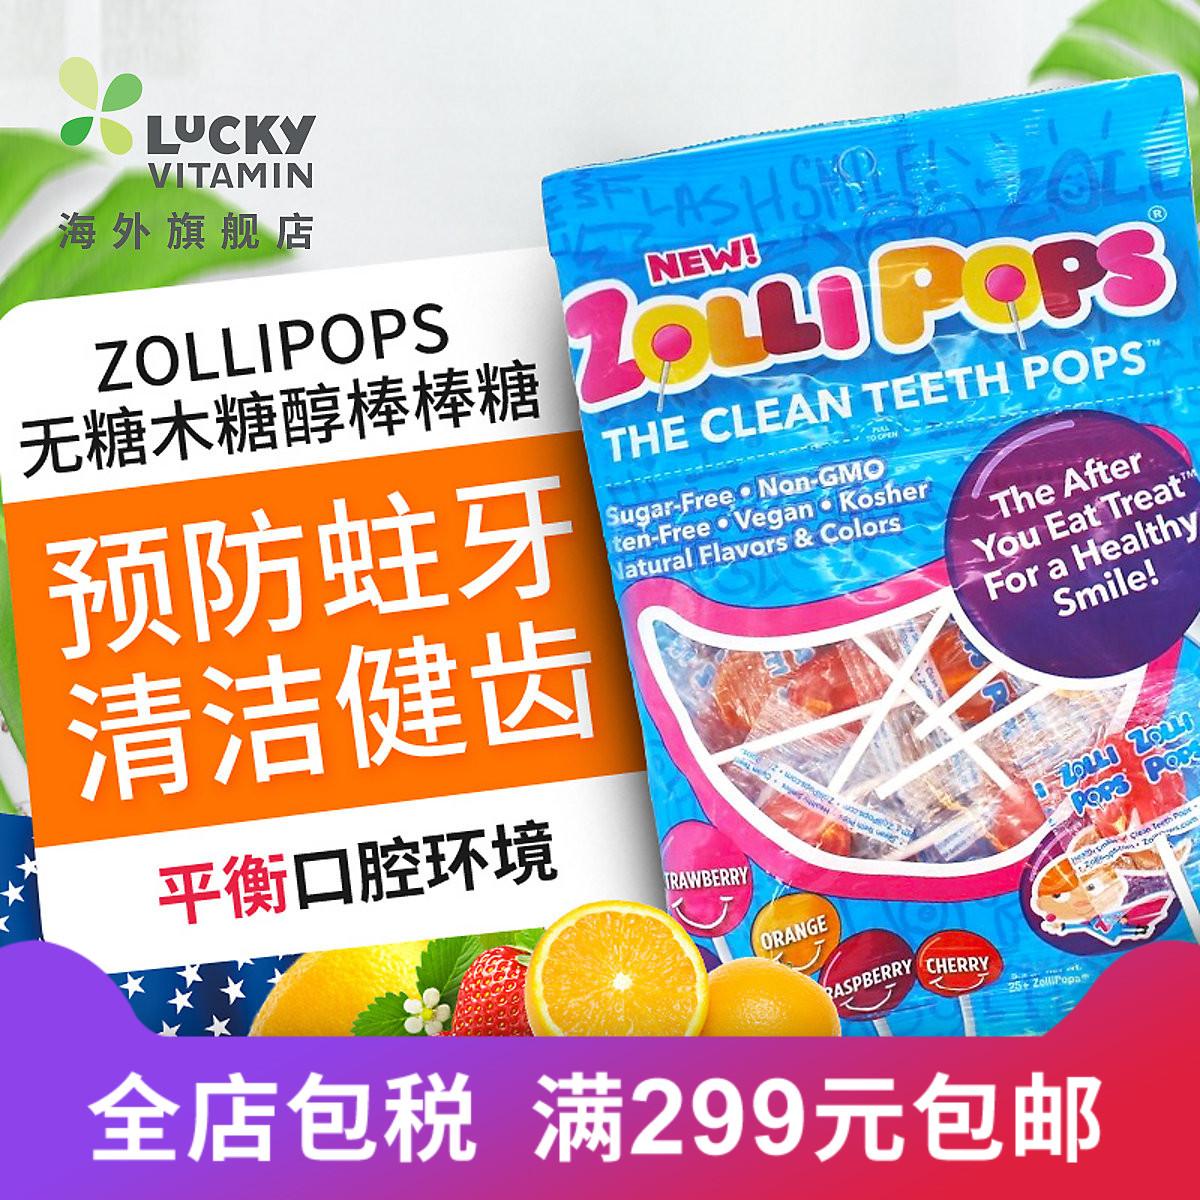 Zollipops无糖木糖醇儿童棒棒糖清洁牙[商城]